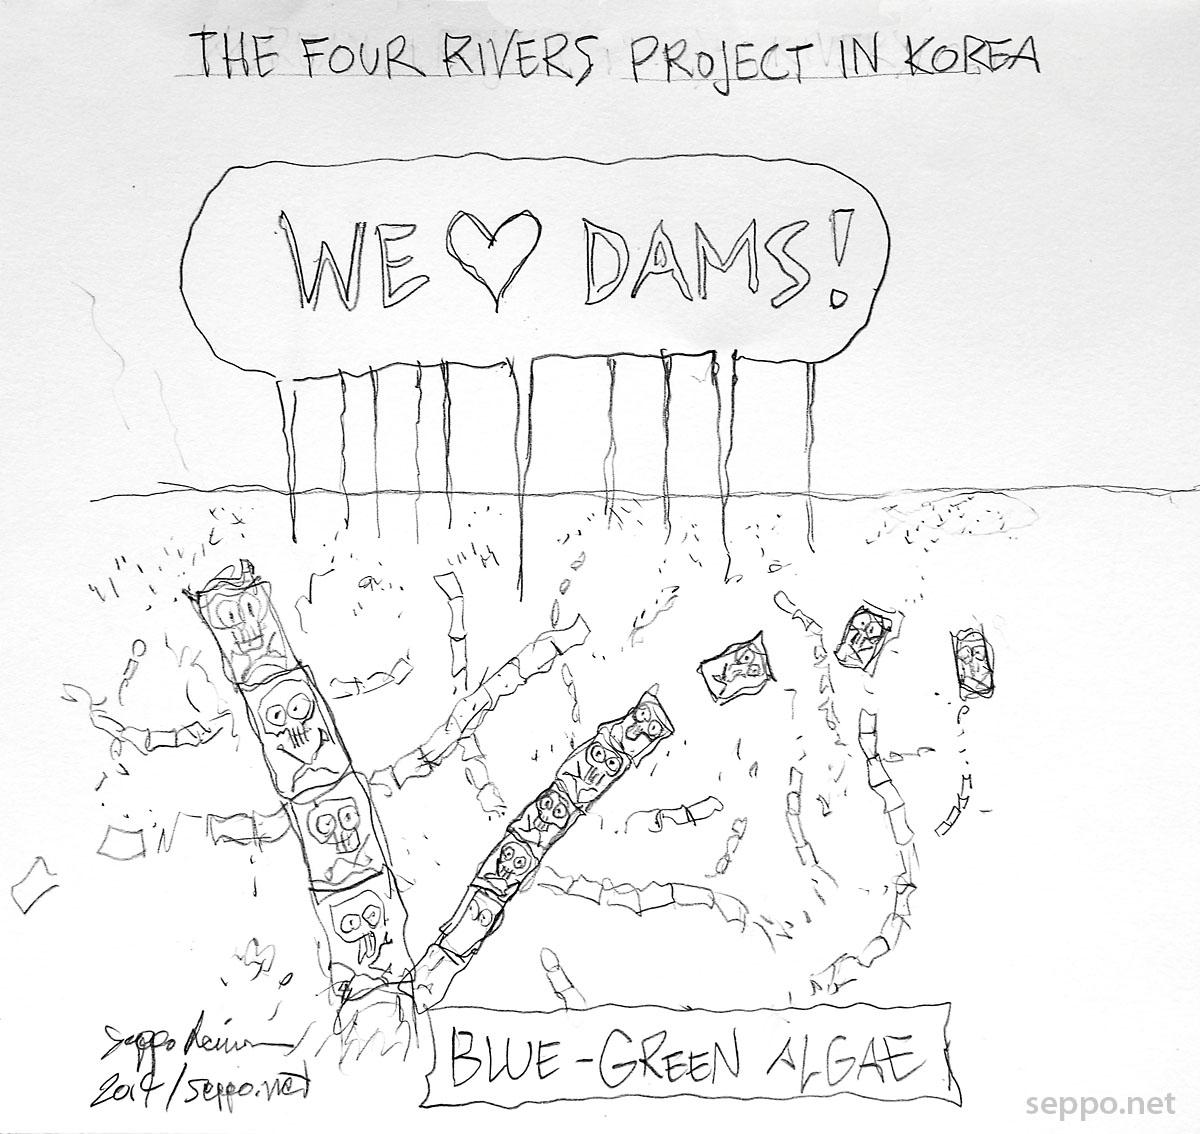 Korea's Dam Removal Campaign